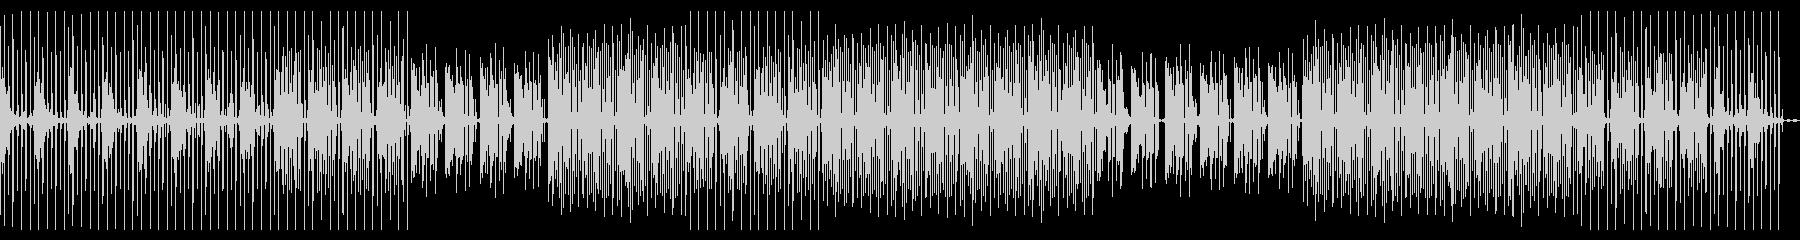 Deep house loungeの未再生の波形